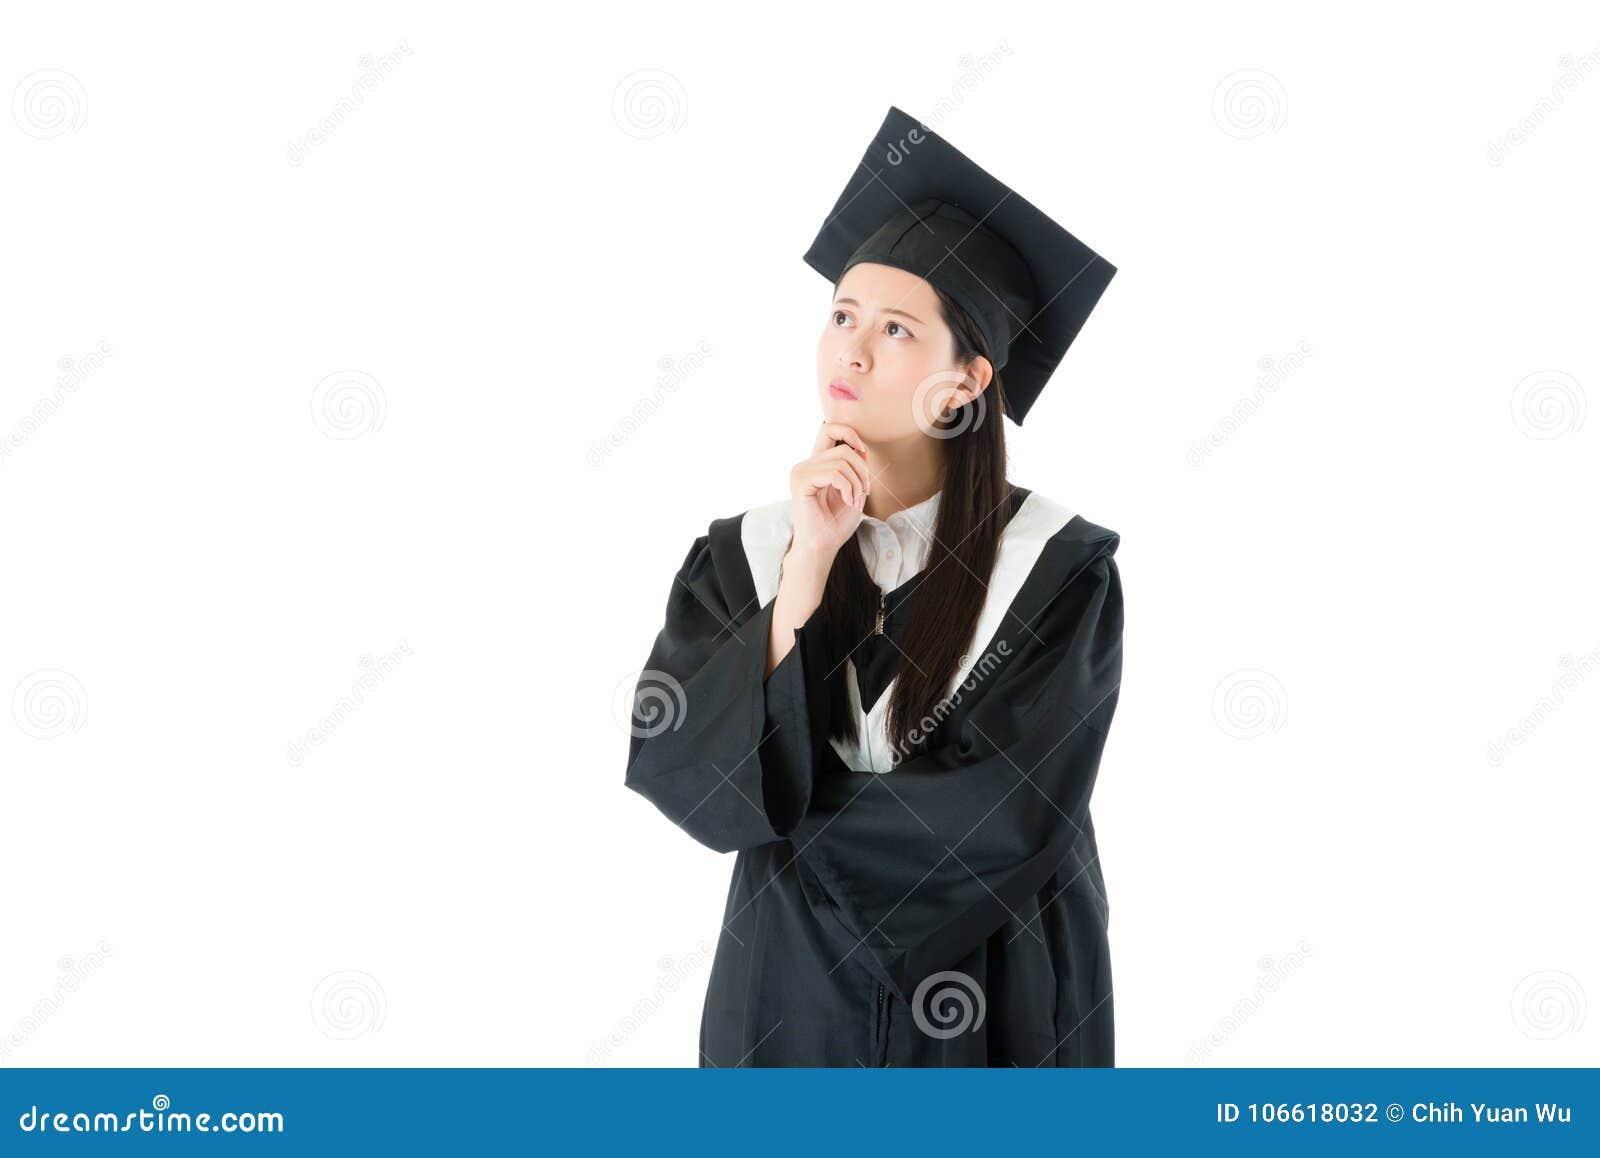 746260d69 Ropa de la graduación del estudiante que lleva bastante atractivo cuando  ella acabó el diploma de la universidad que estudiaba la clase y la  situación en ...